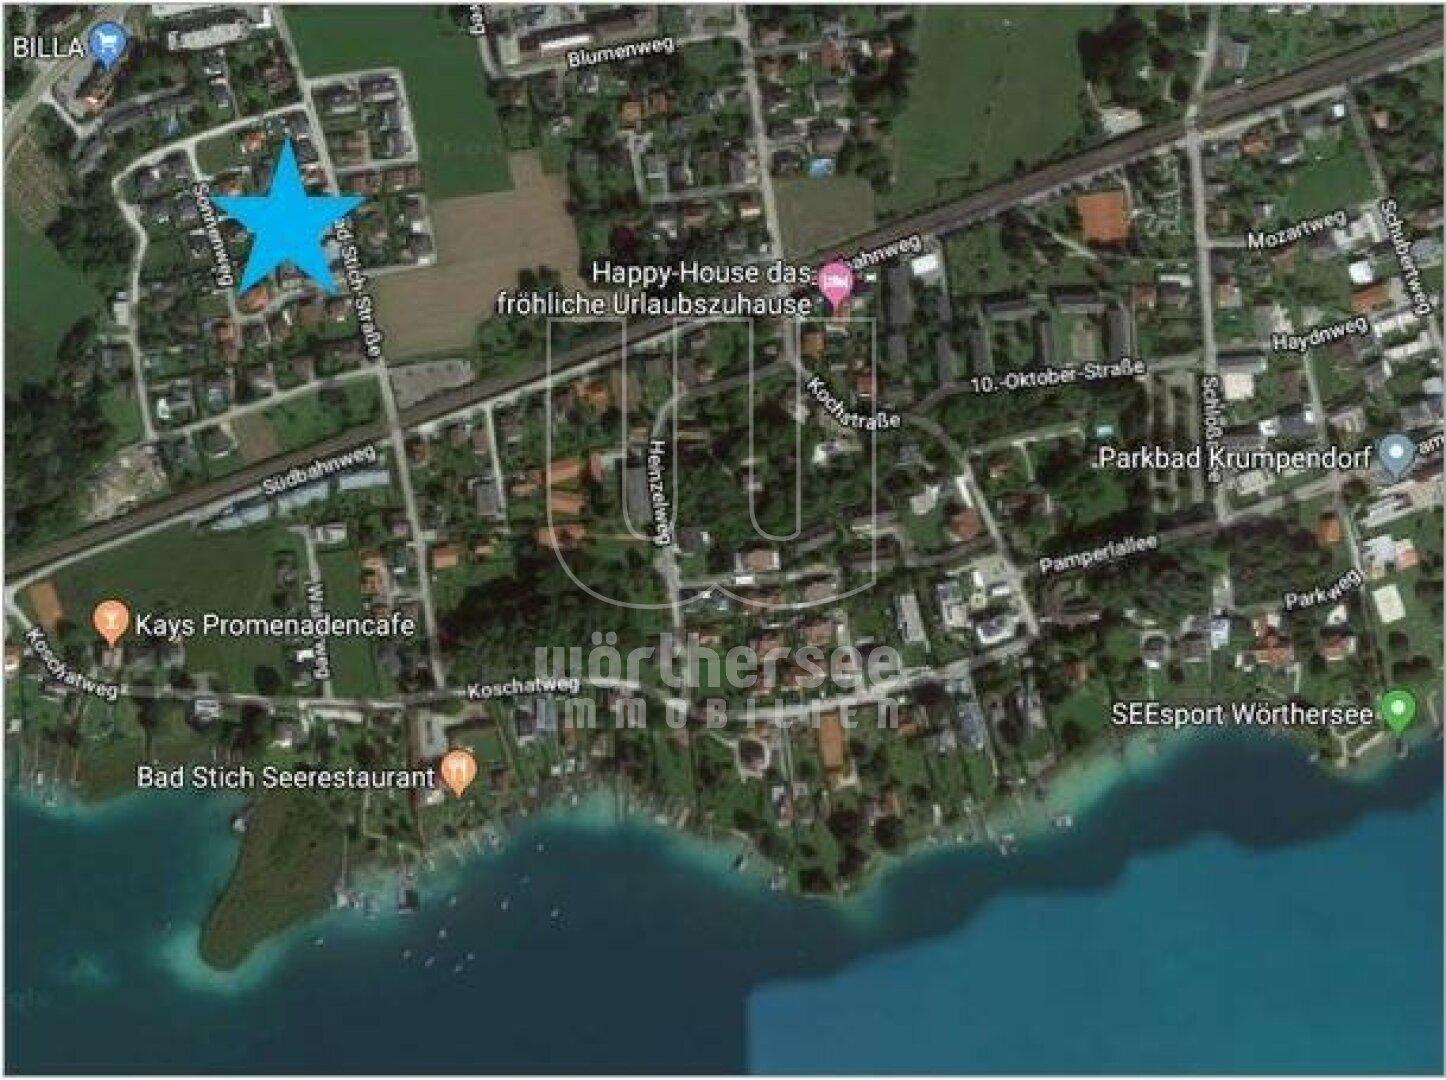 Luftbild mit Markierung